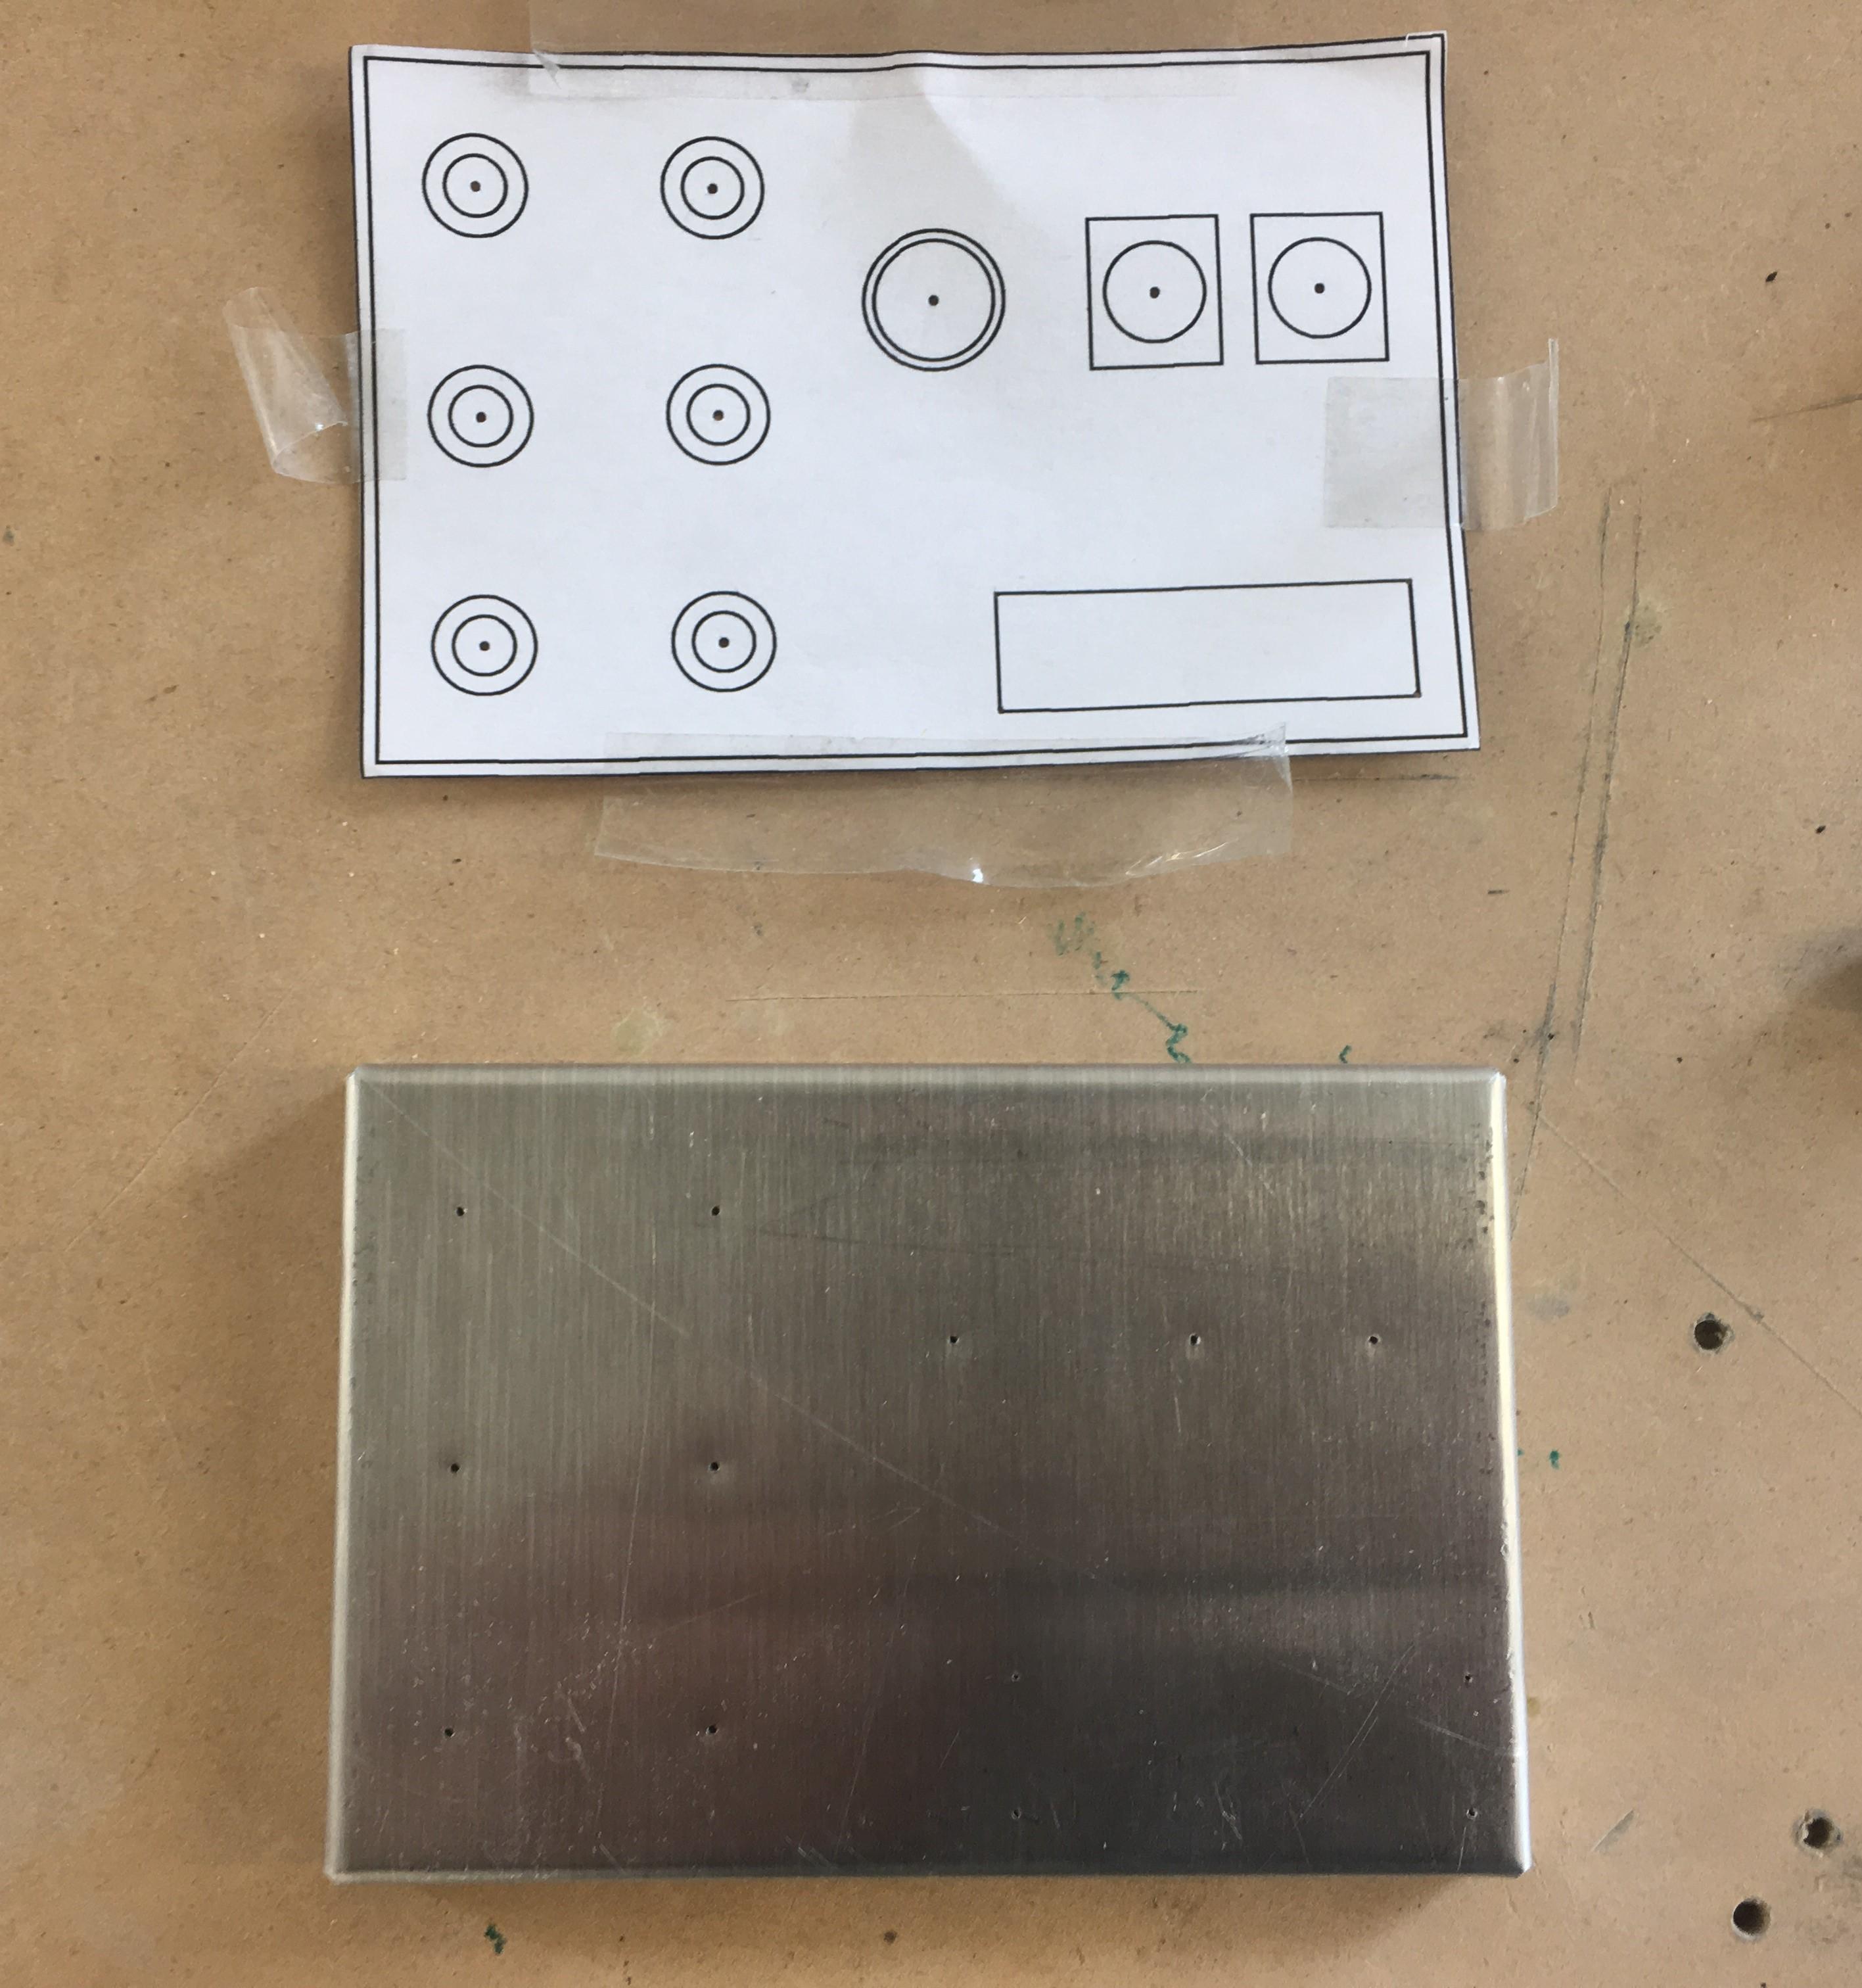 s438647550.online.de/PICS/build_belt_1.JPG